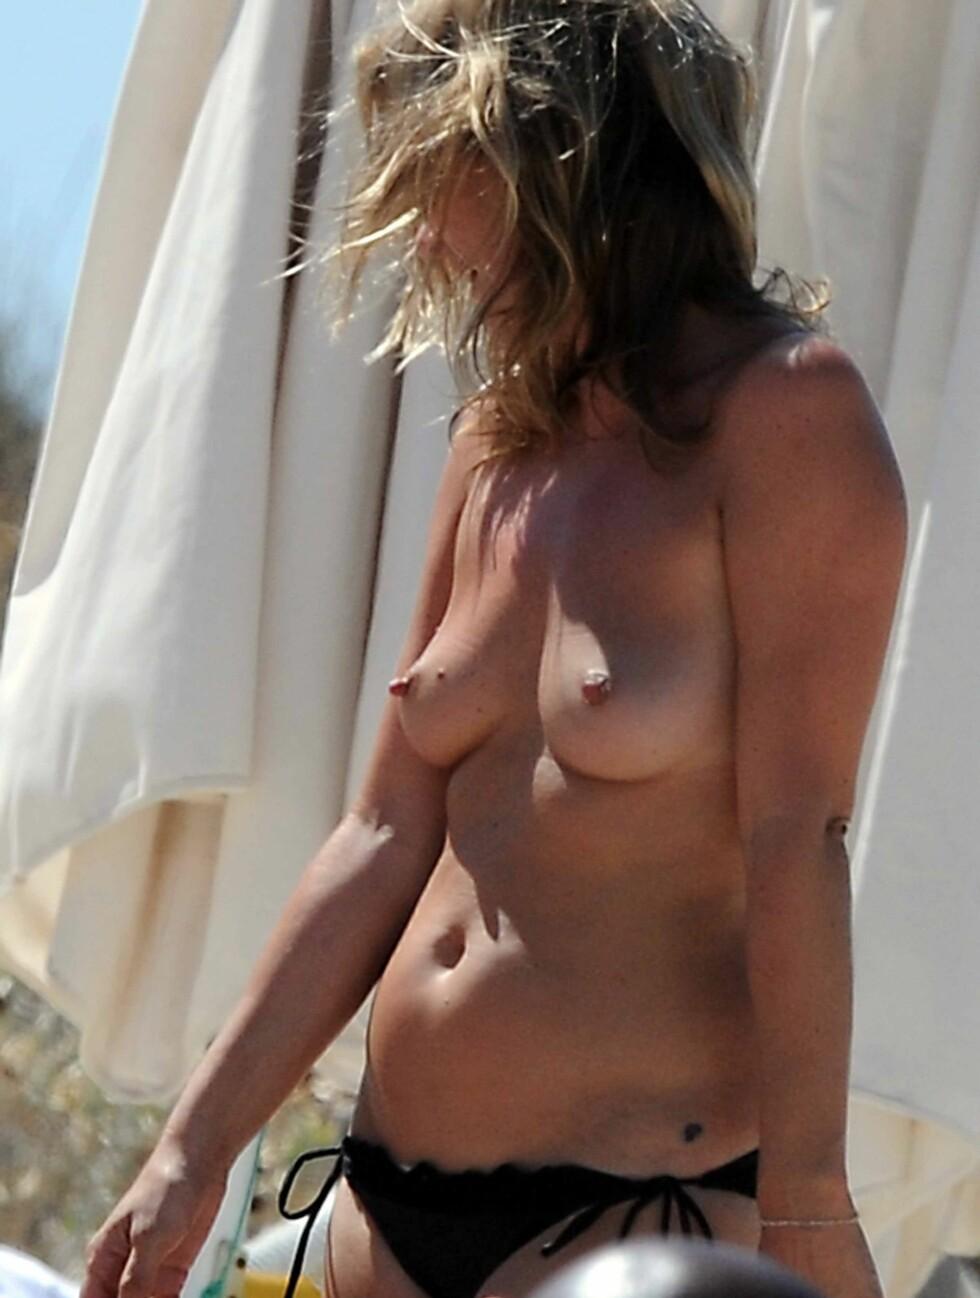 USJENERT: Kate Moss har ikke lagt skjul på at hun ikke har noe i mot å gå lettkledd, og har flere ganger stilt opp på nakenbilder som modell. Foto: Stella Pictures